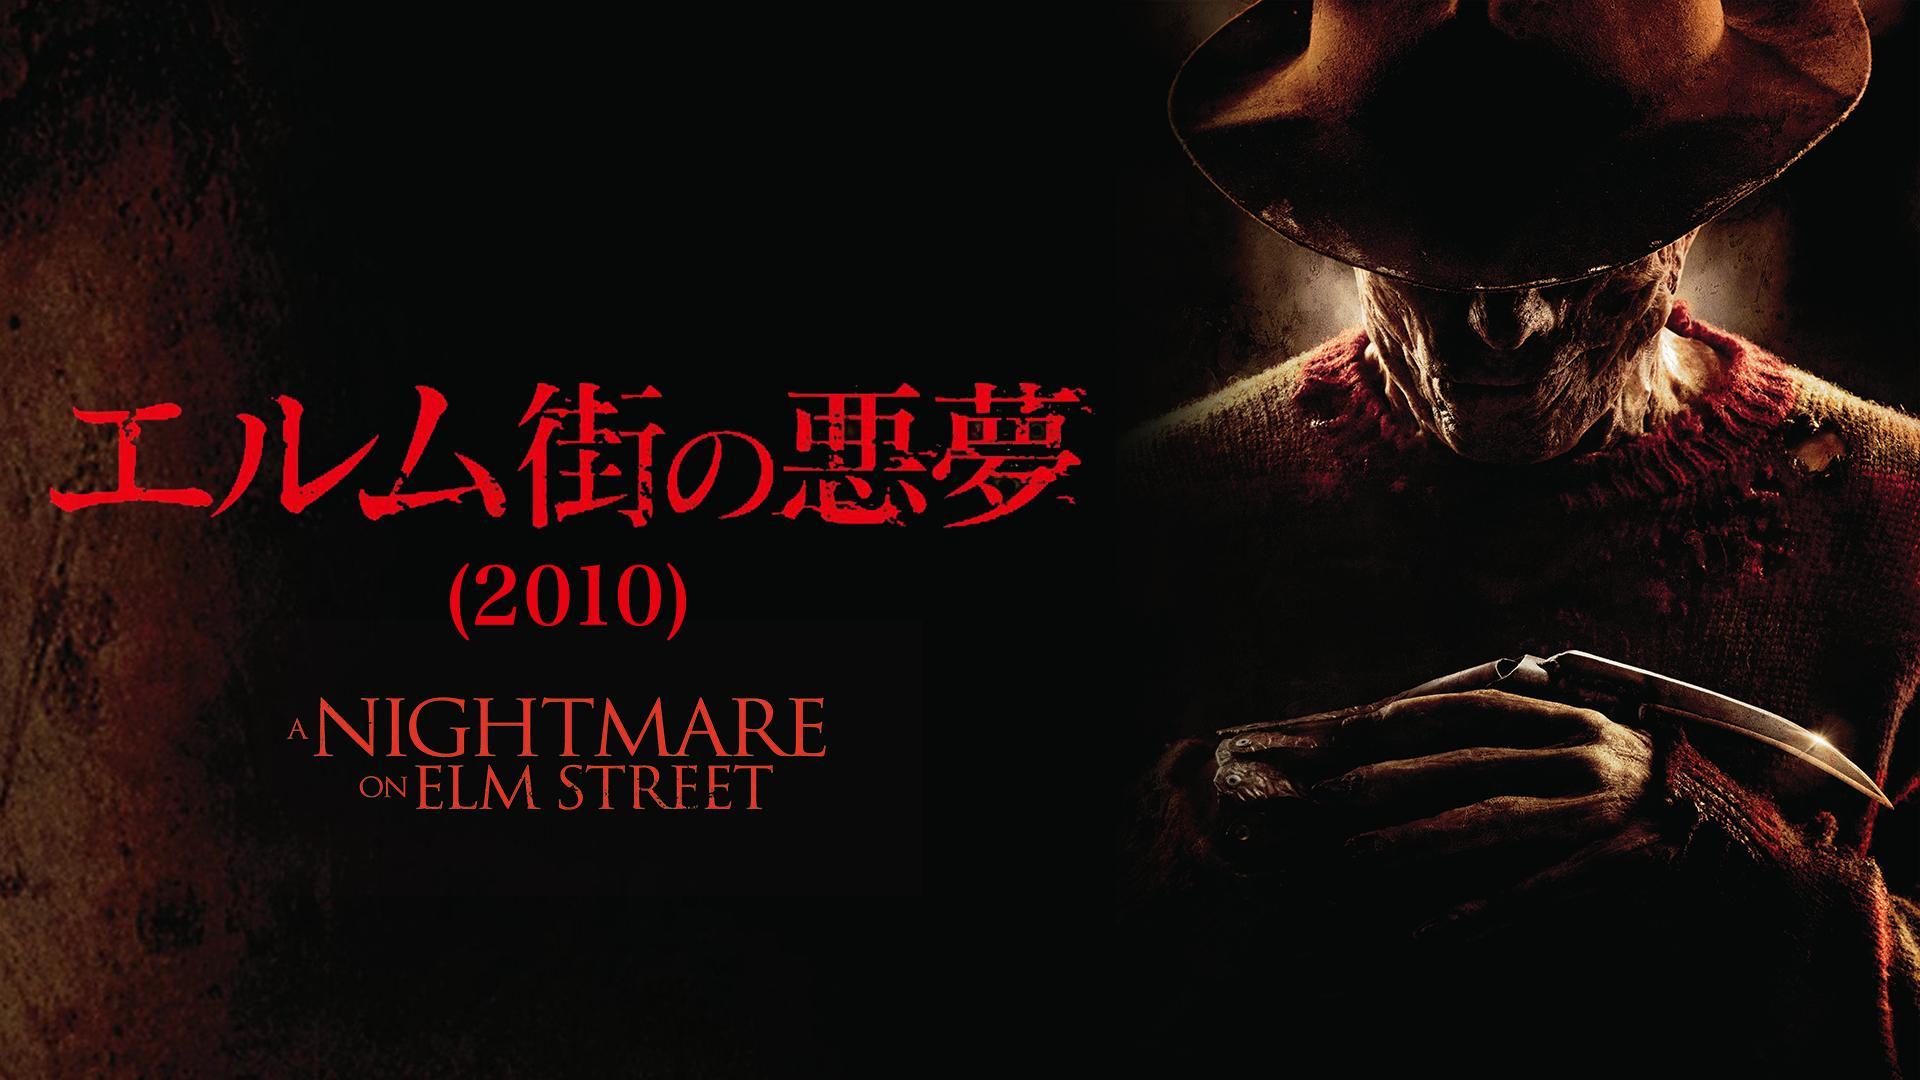 エルム街の悪夢(2010)